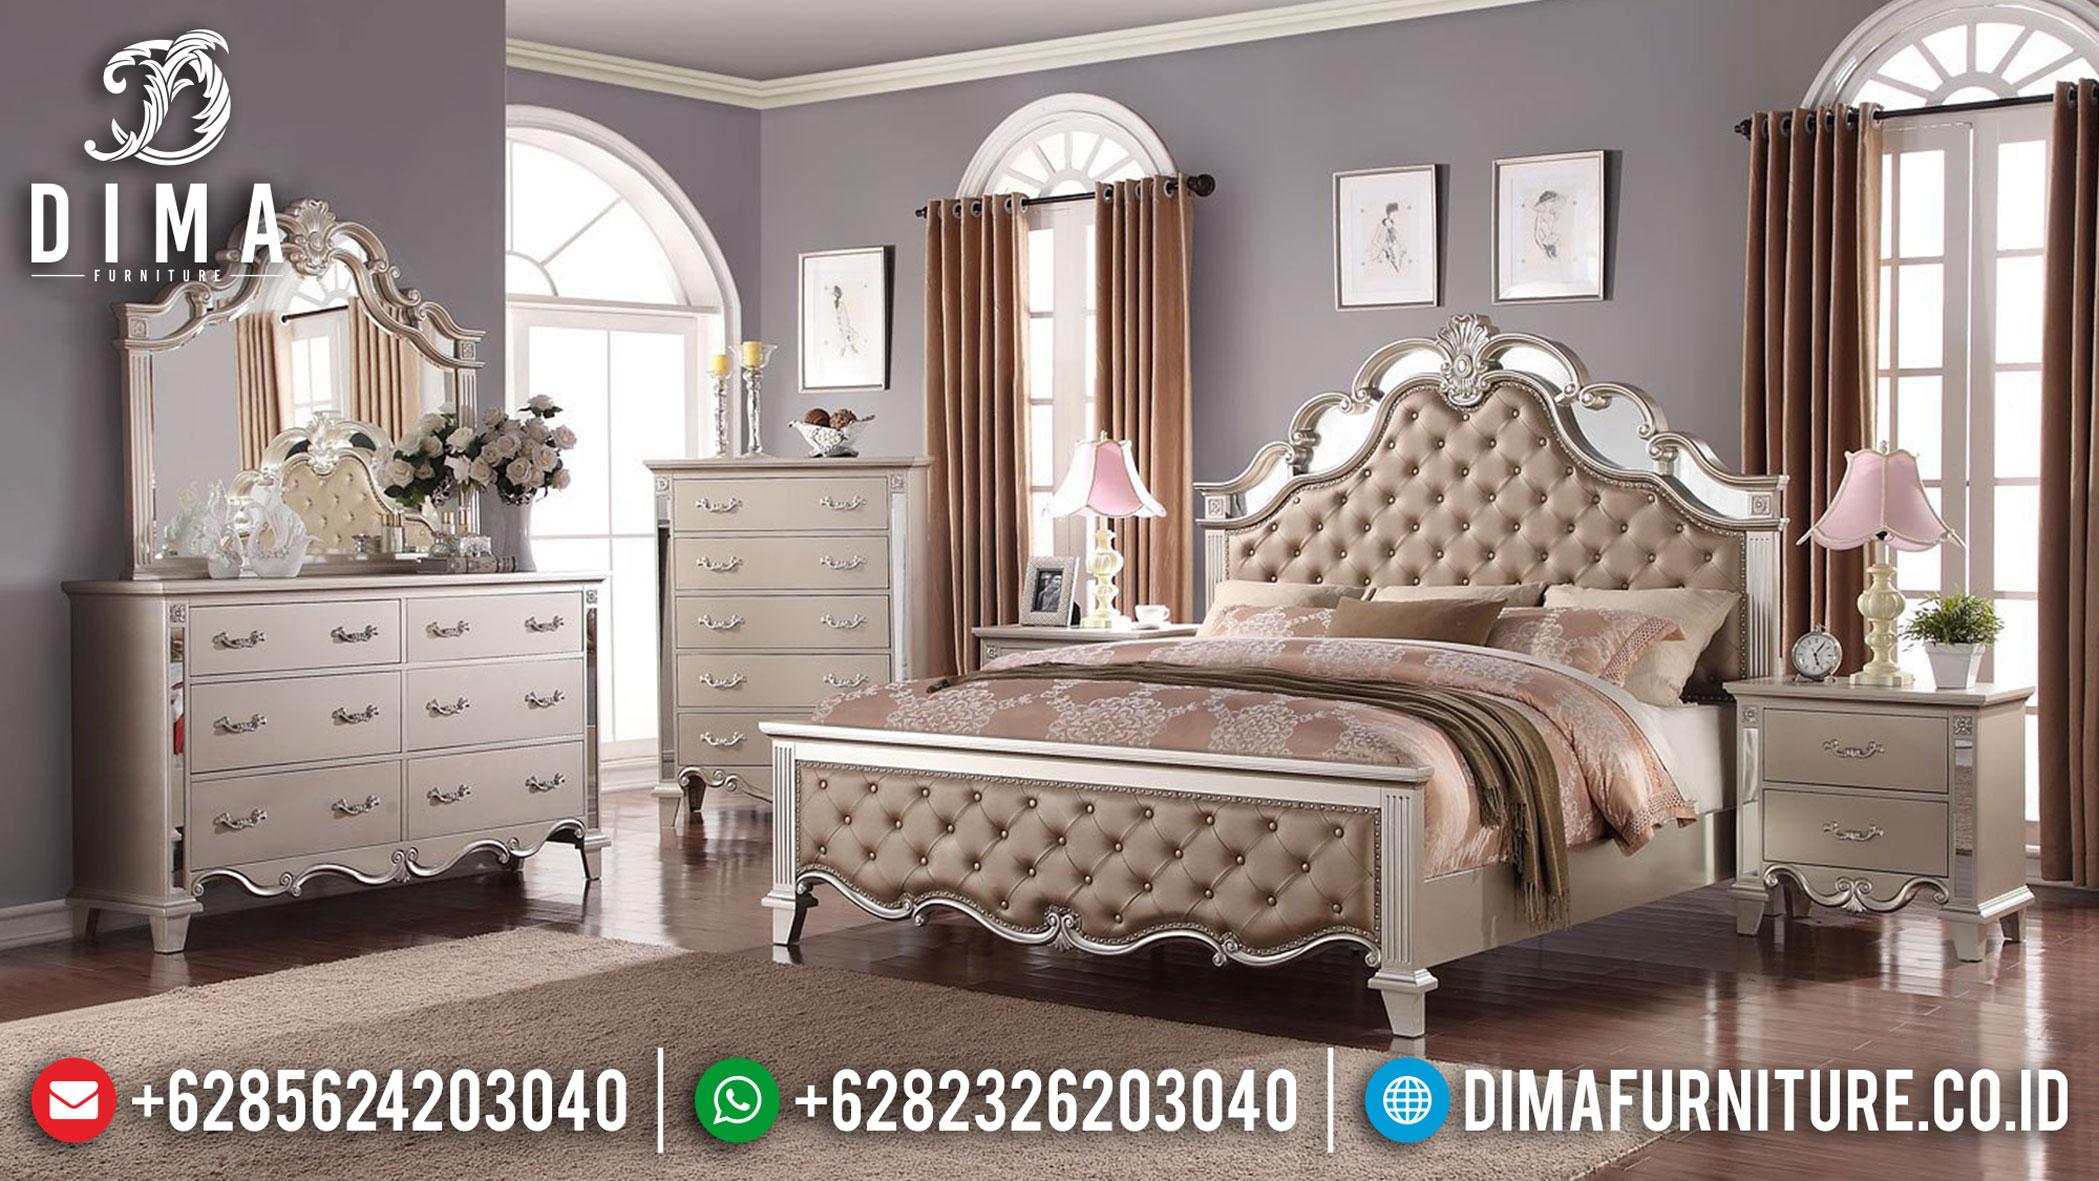 Desain Tempat Tidur Minimalis Mewah Mirrored Elegant Silver Luster TTJ-1110